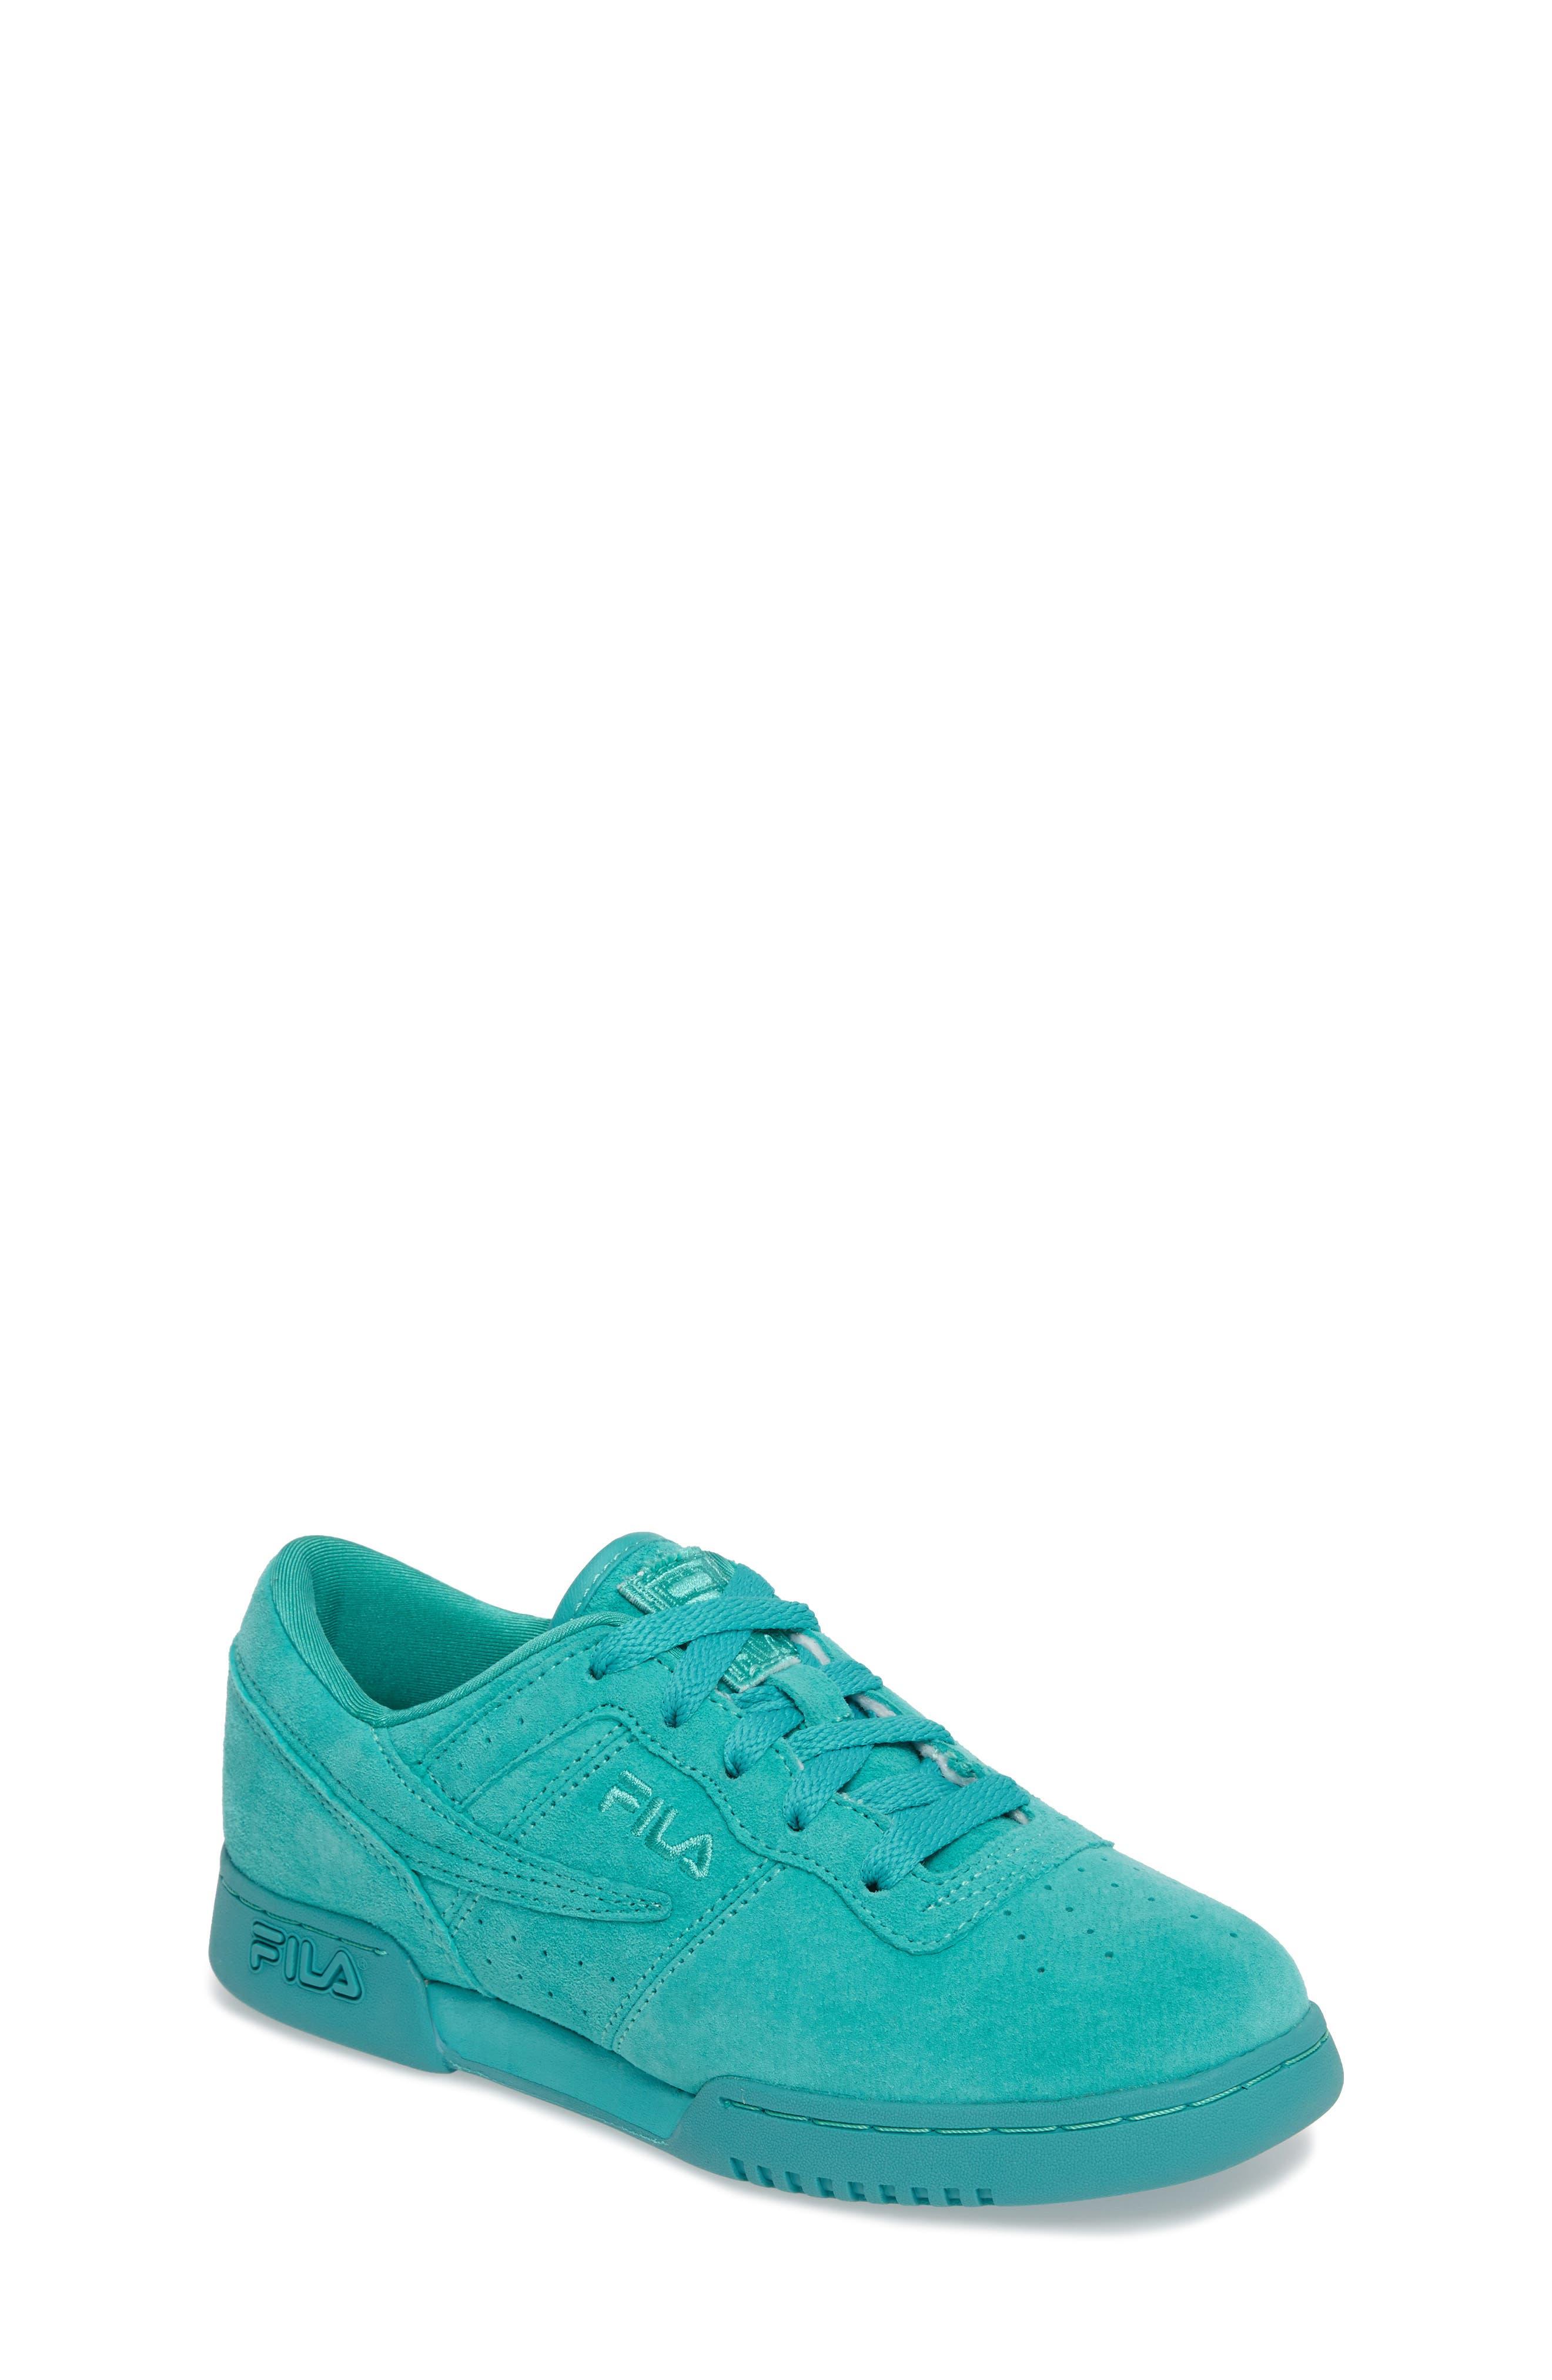 Alternate Image 1 Selected - FILA Original Fitness Sneaker (Big Kid)